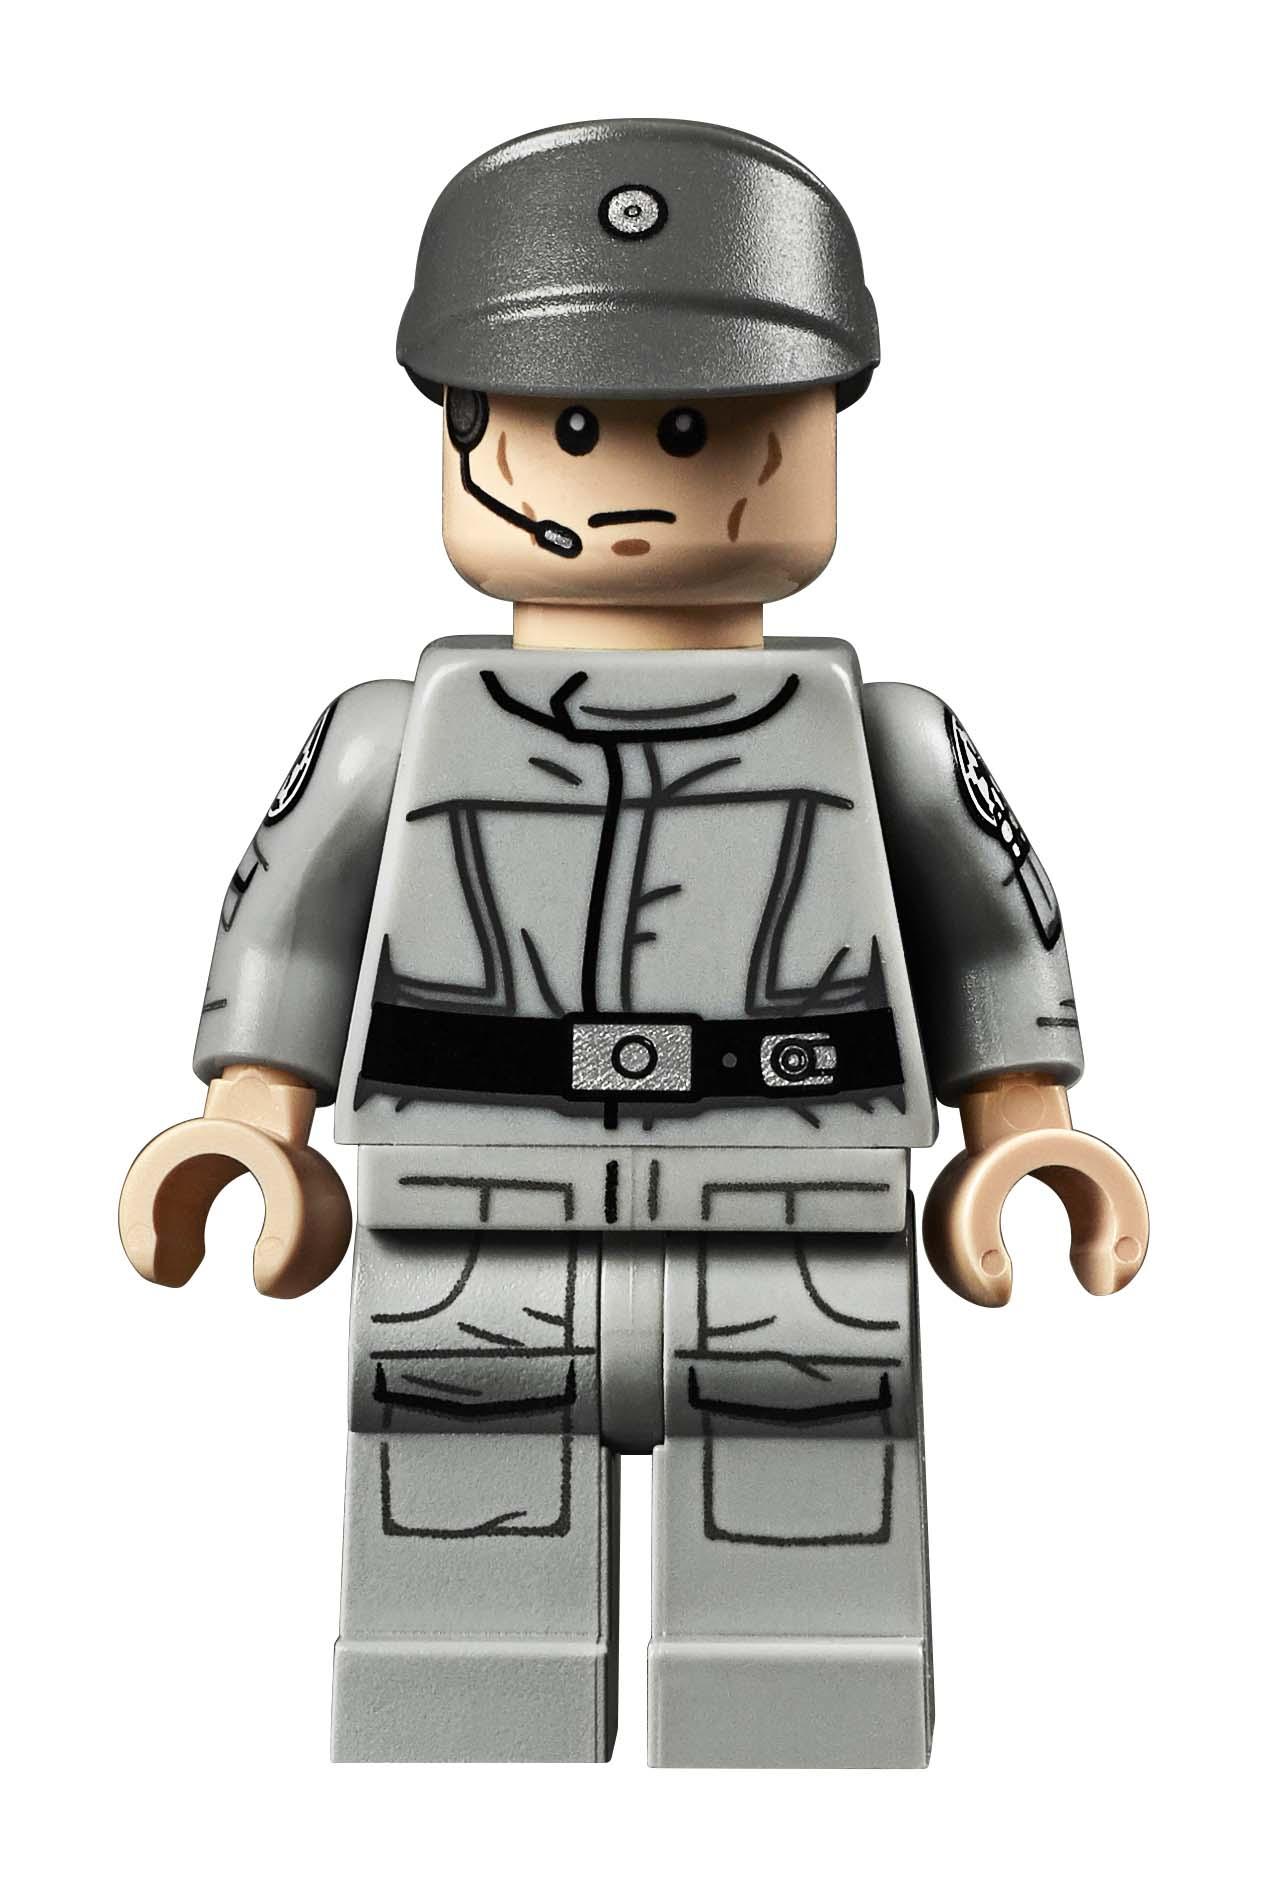 LEGO Star Wars UCS Imperial Star Destroyer (75252